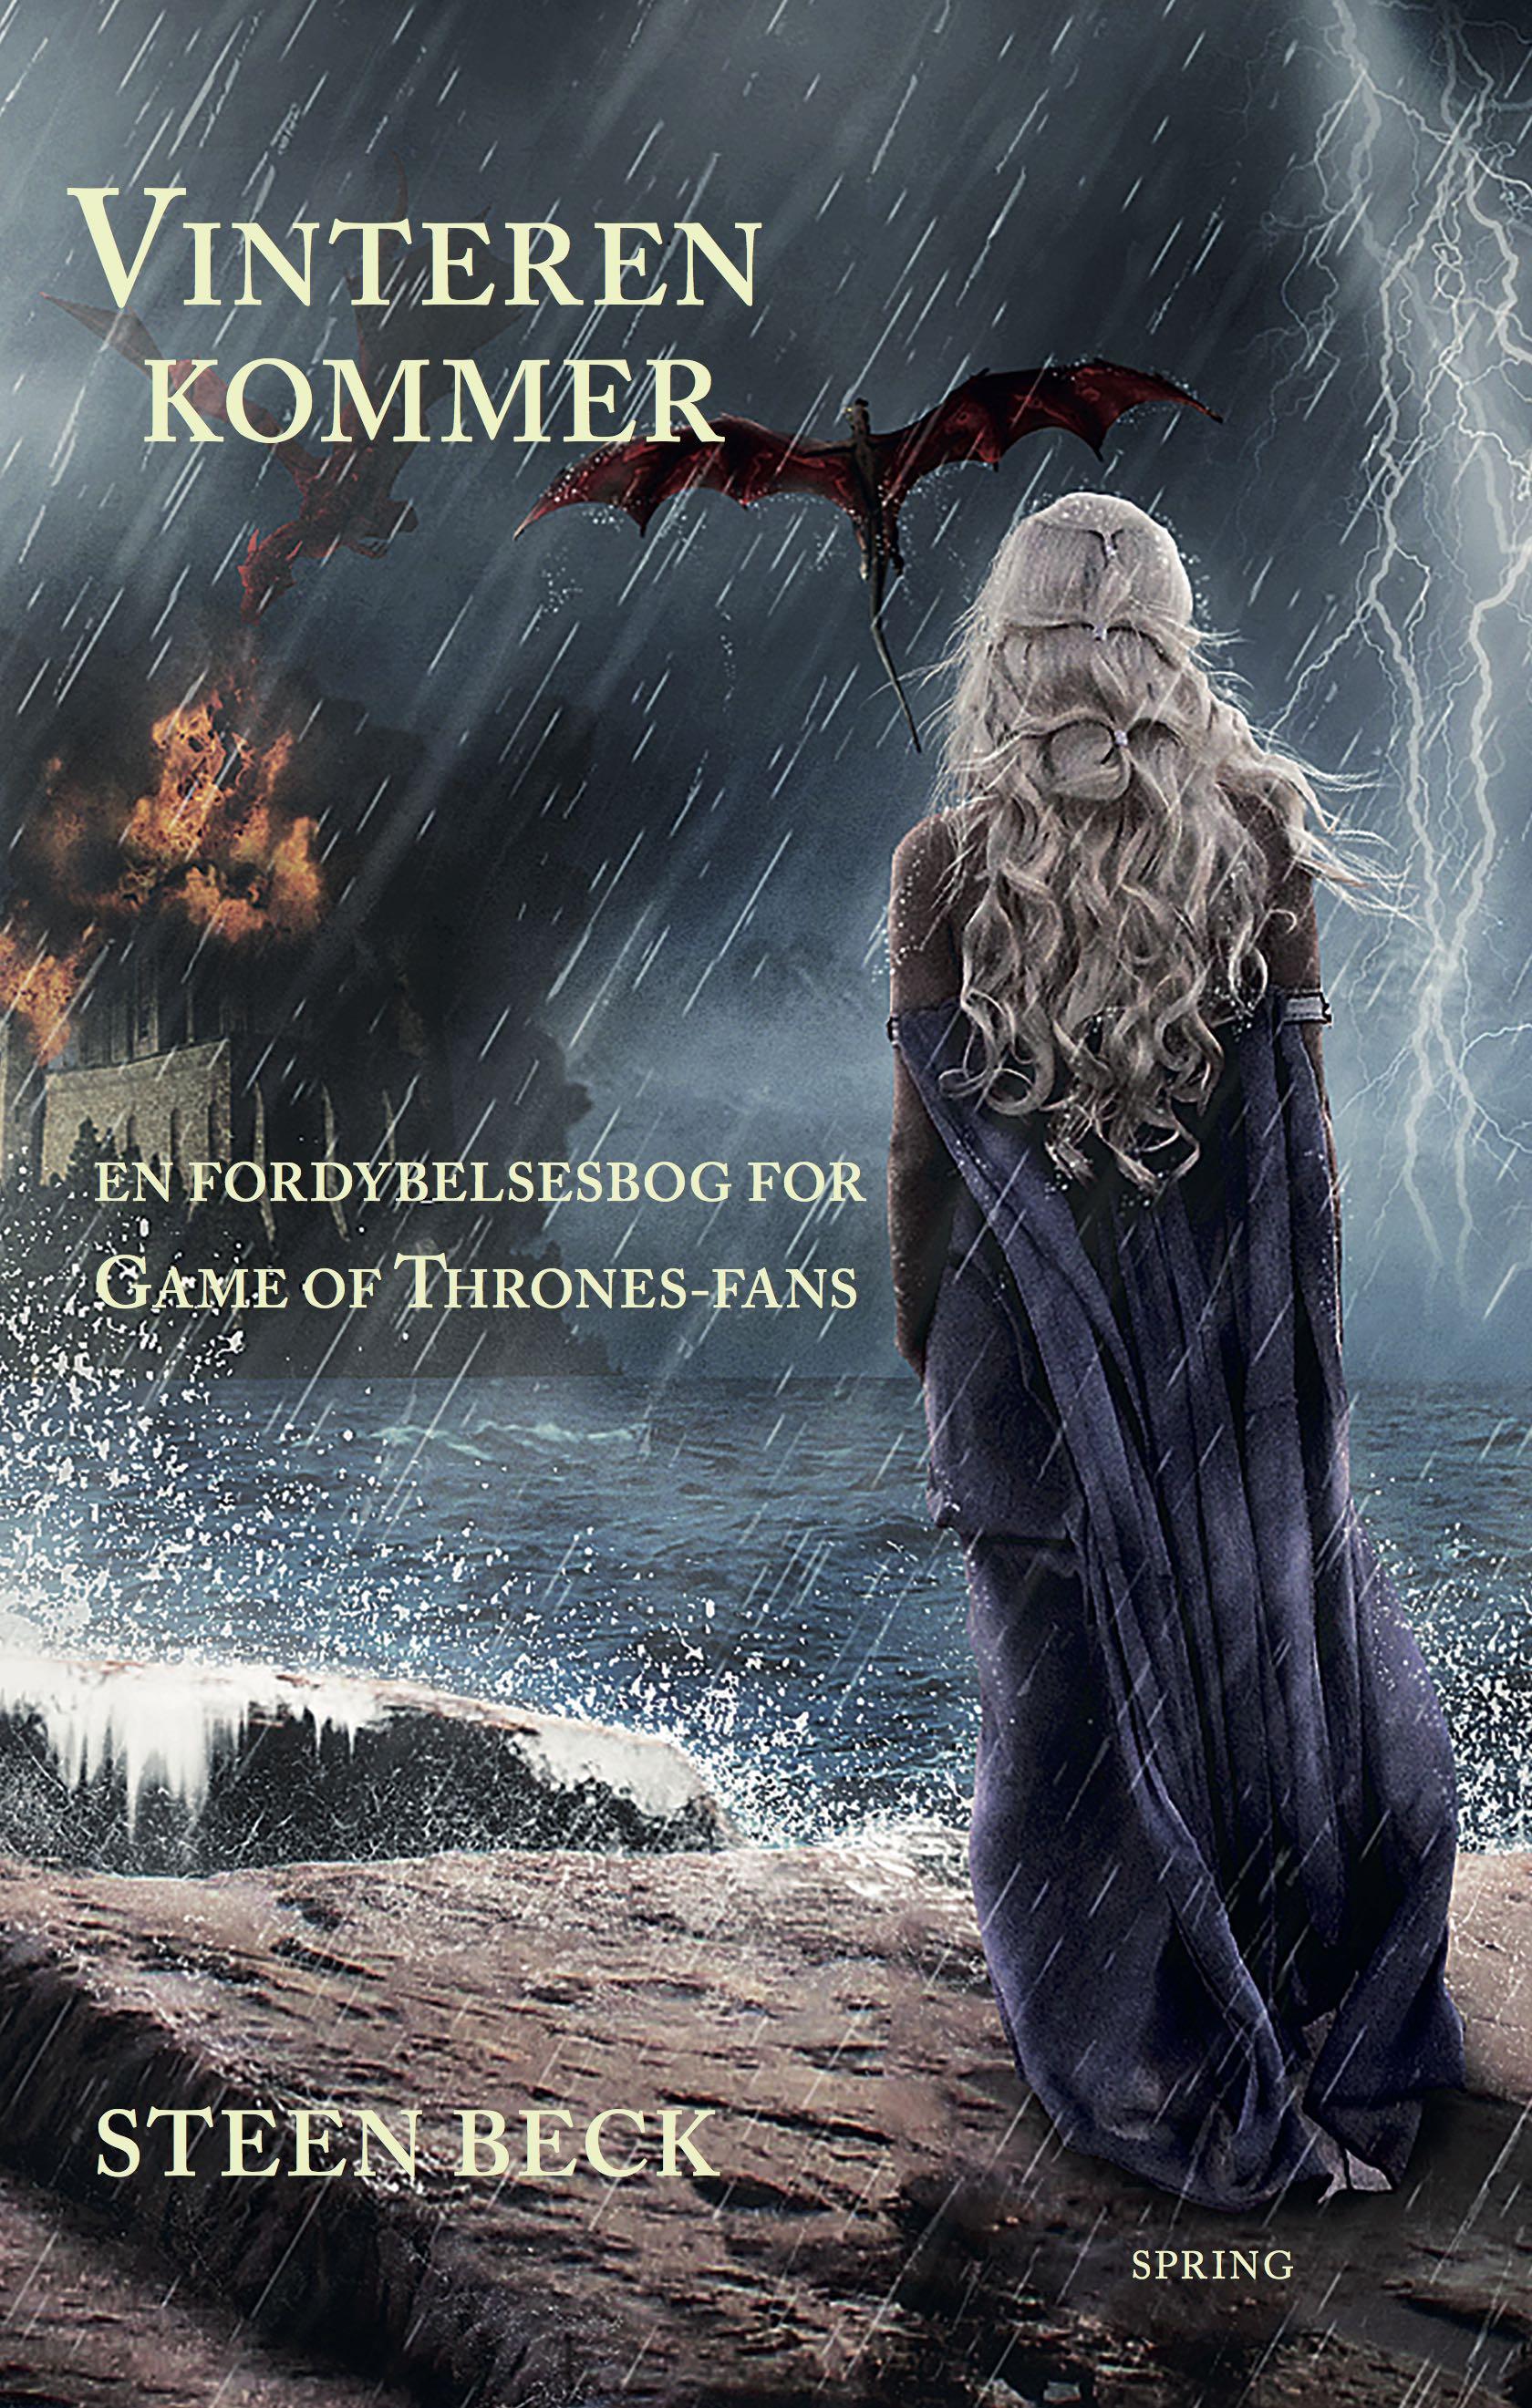 Vinteren kommer - En fordybelsesbog for Game of Thrones-fans